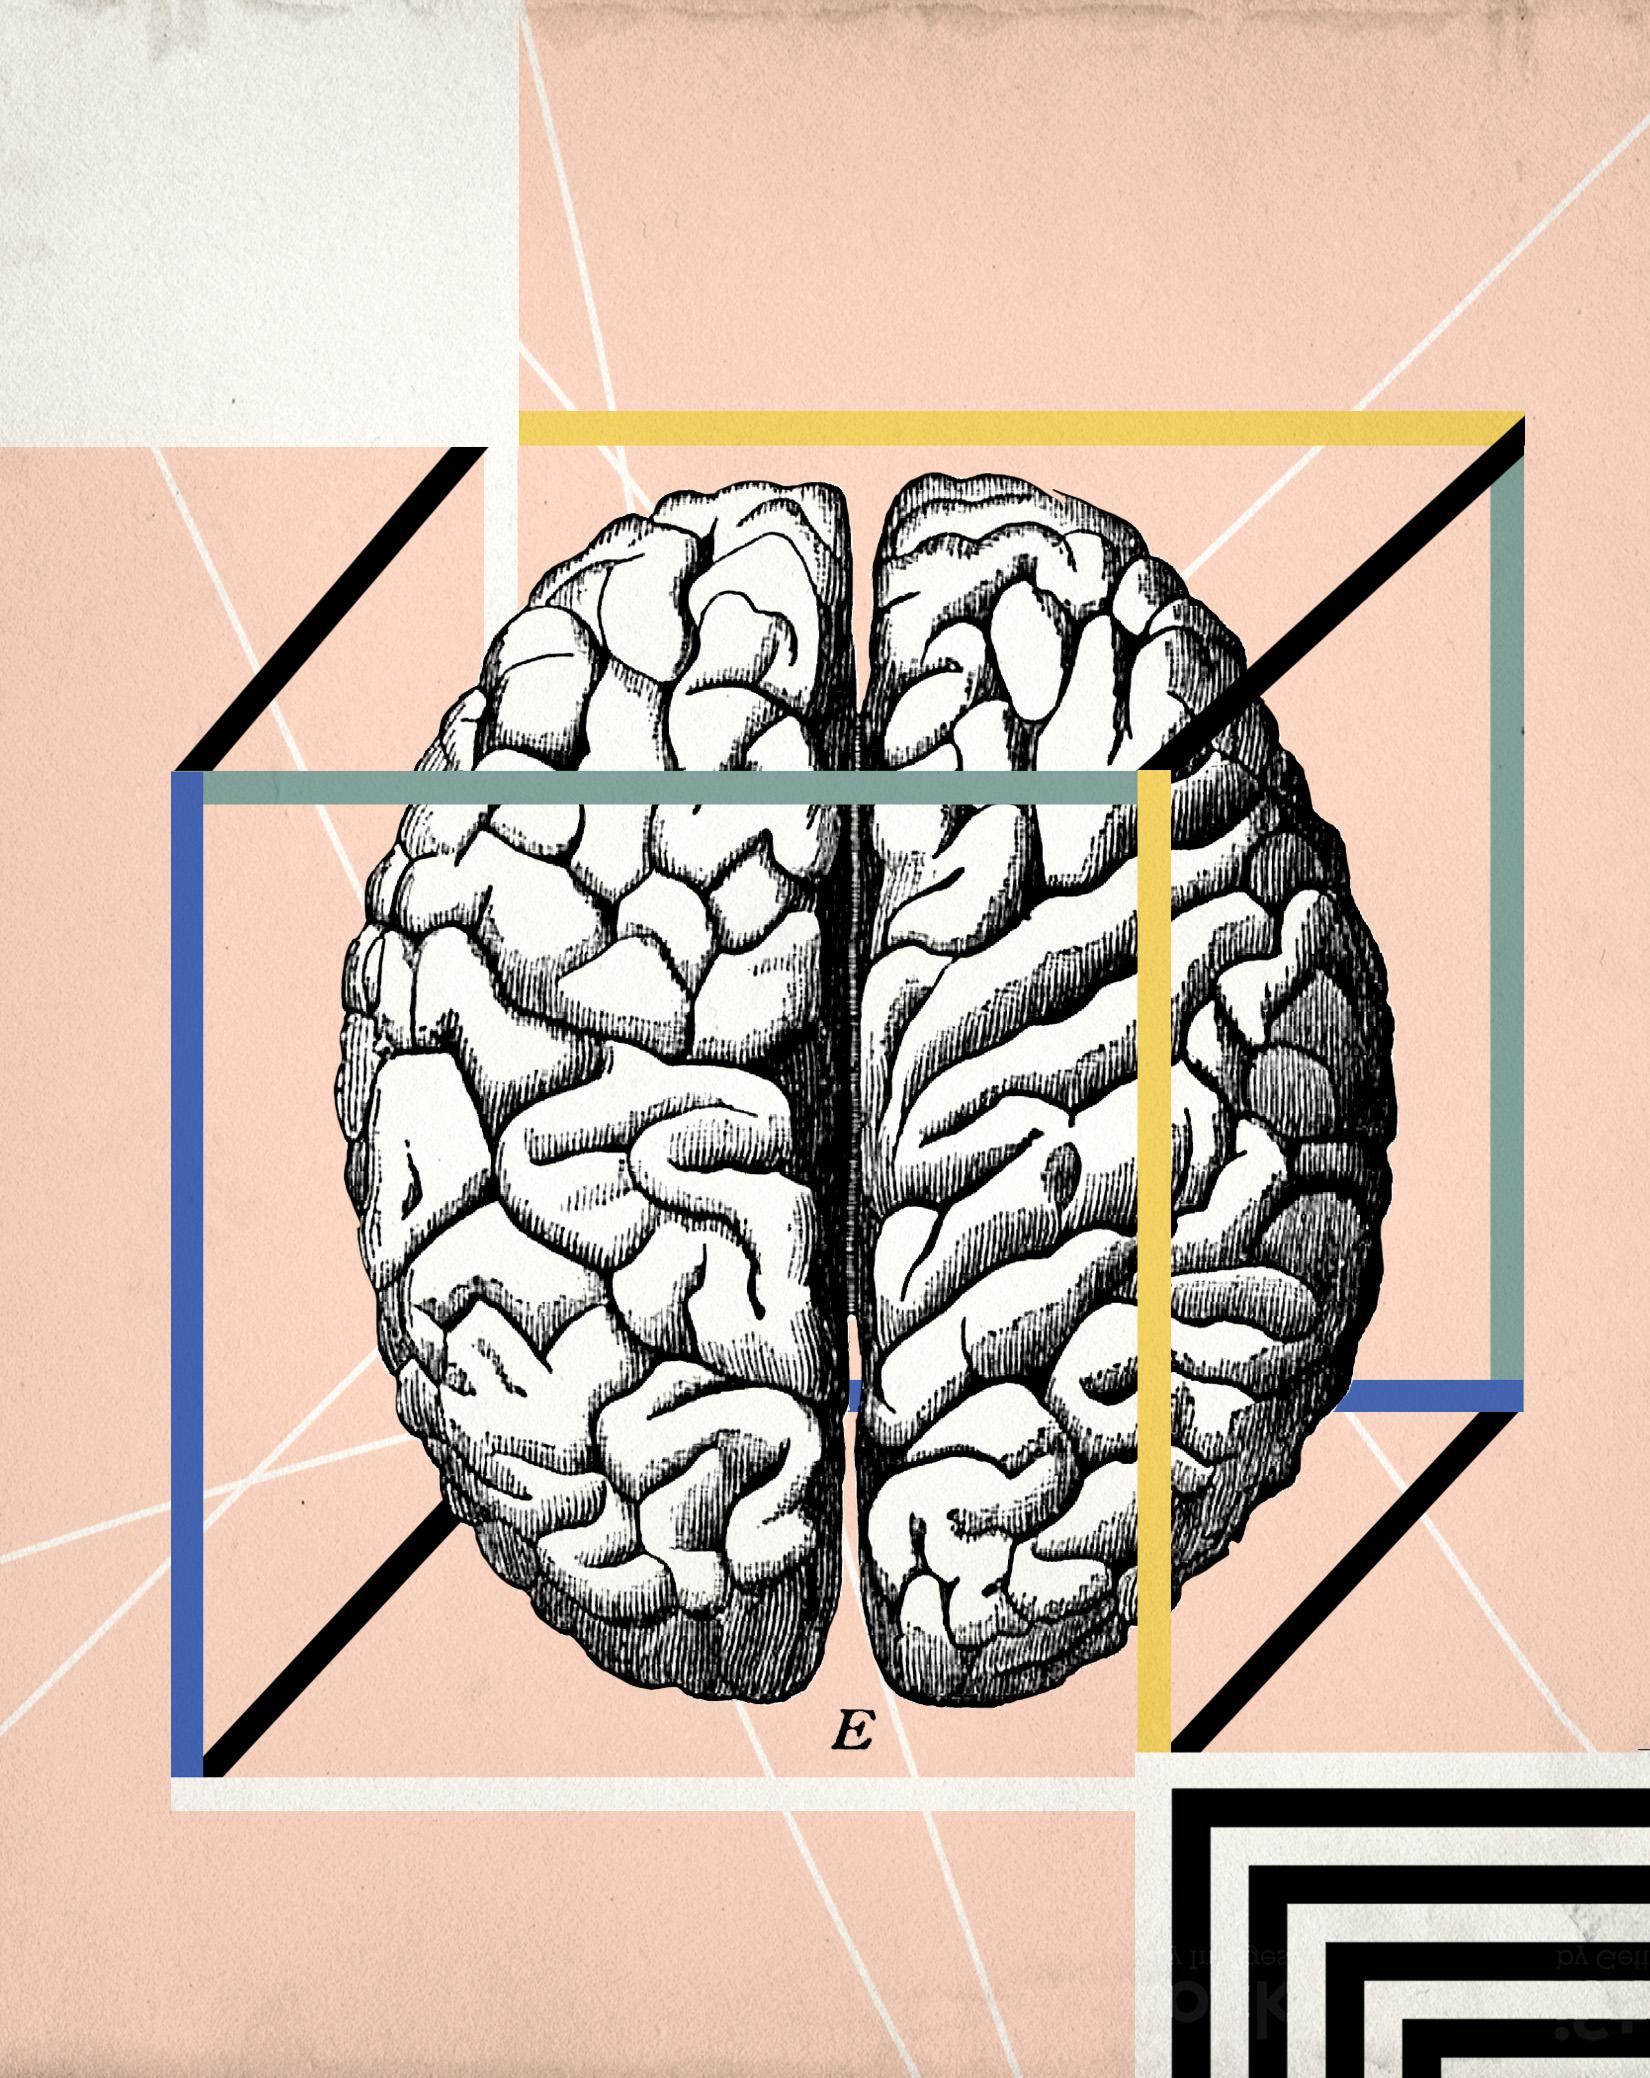 脳の解明を目指す「巨大科学」はなぜ行き詰まったのか